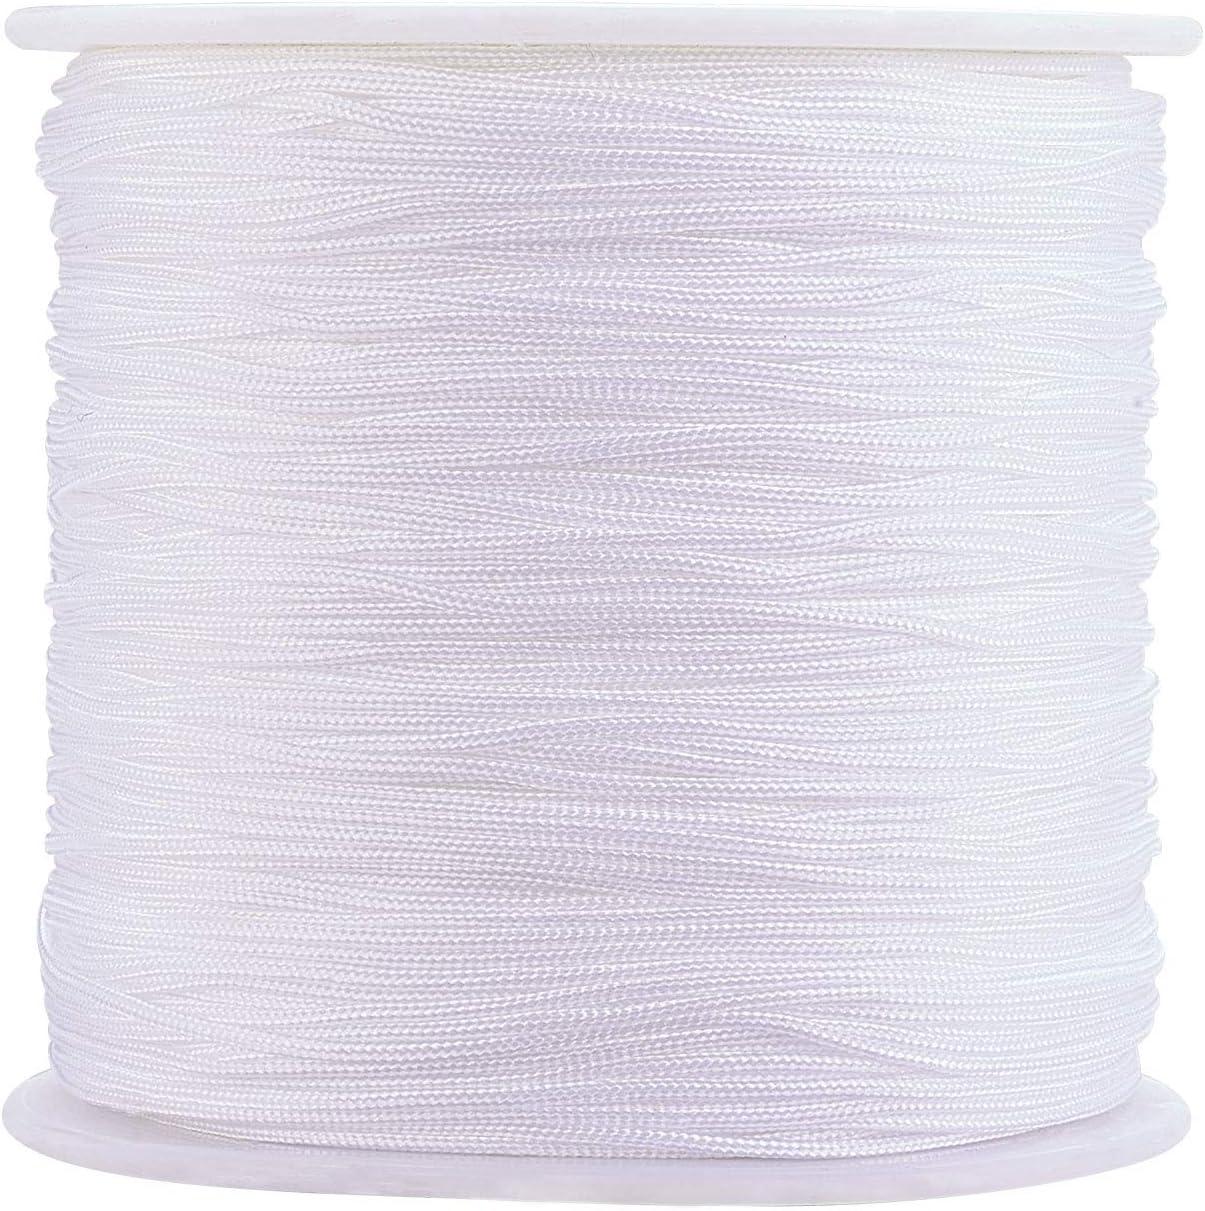 Stiesy White Braided Nylon Thread Ranking TOP9 Chinese Weekly update 0.8mm Macr Knot